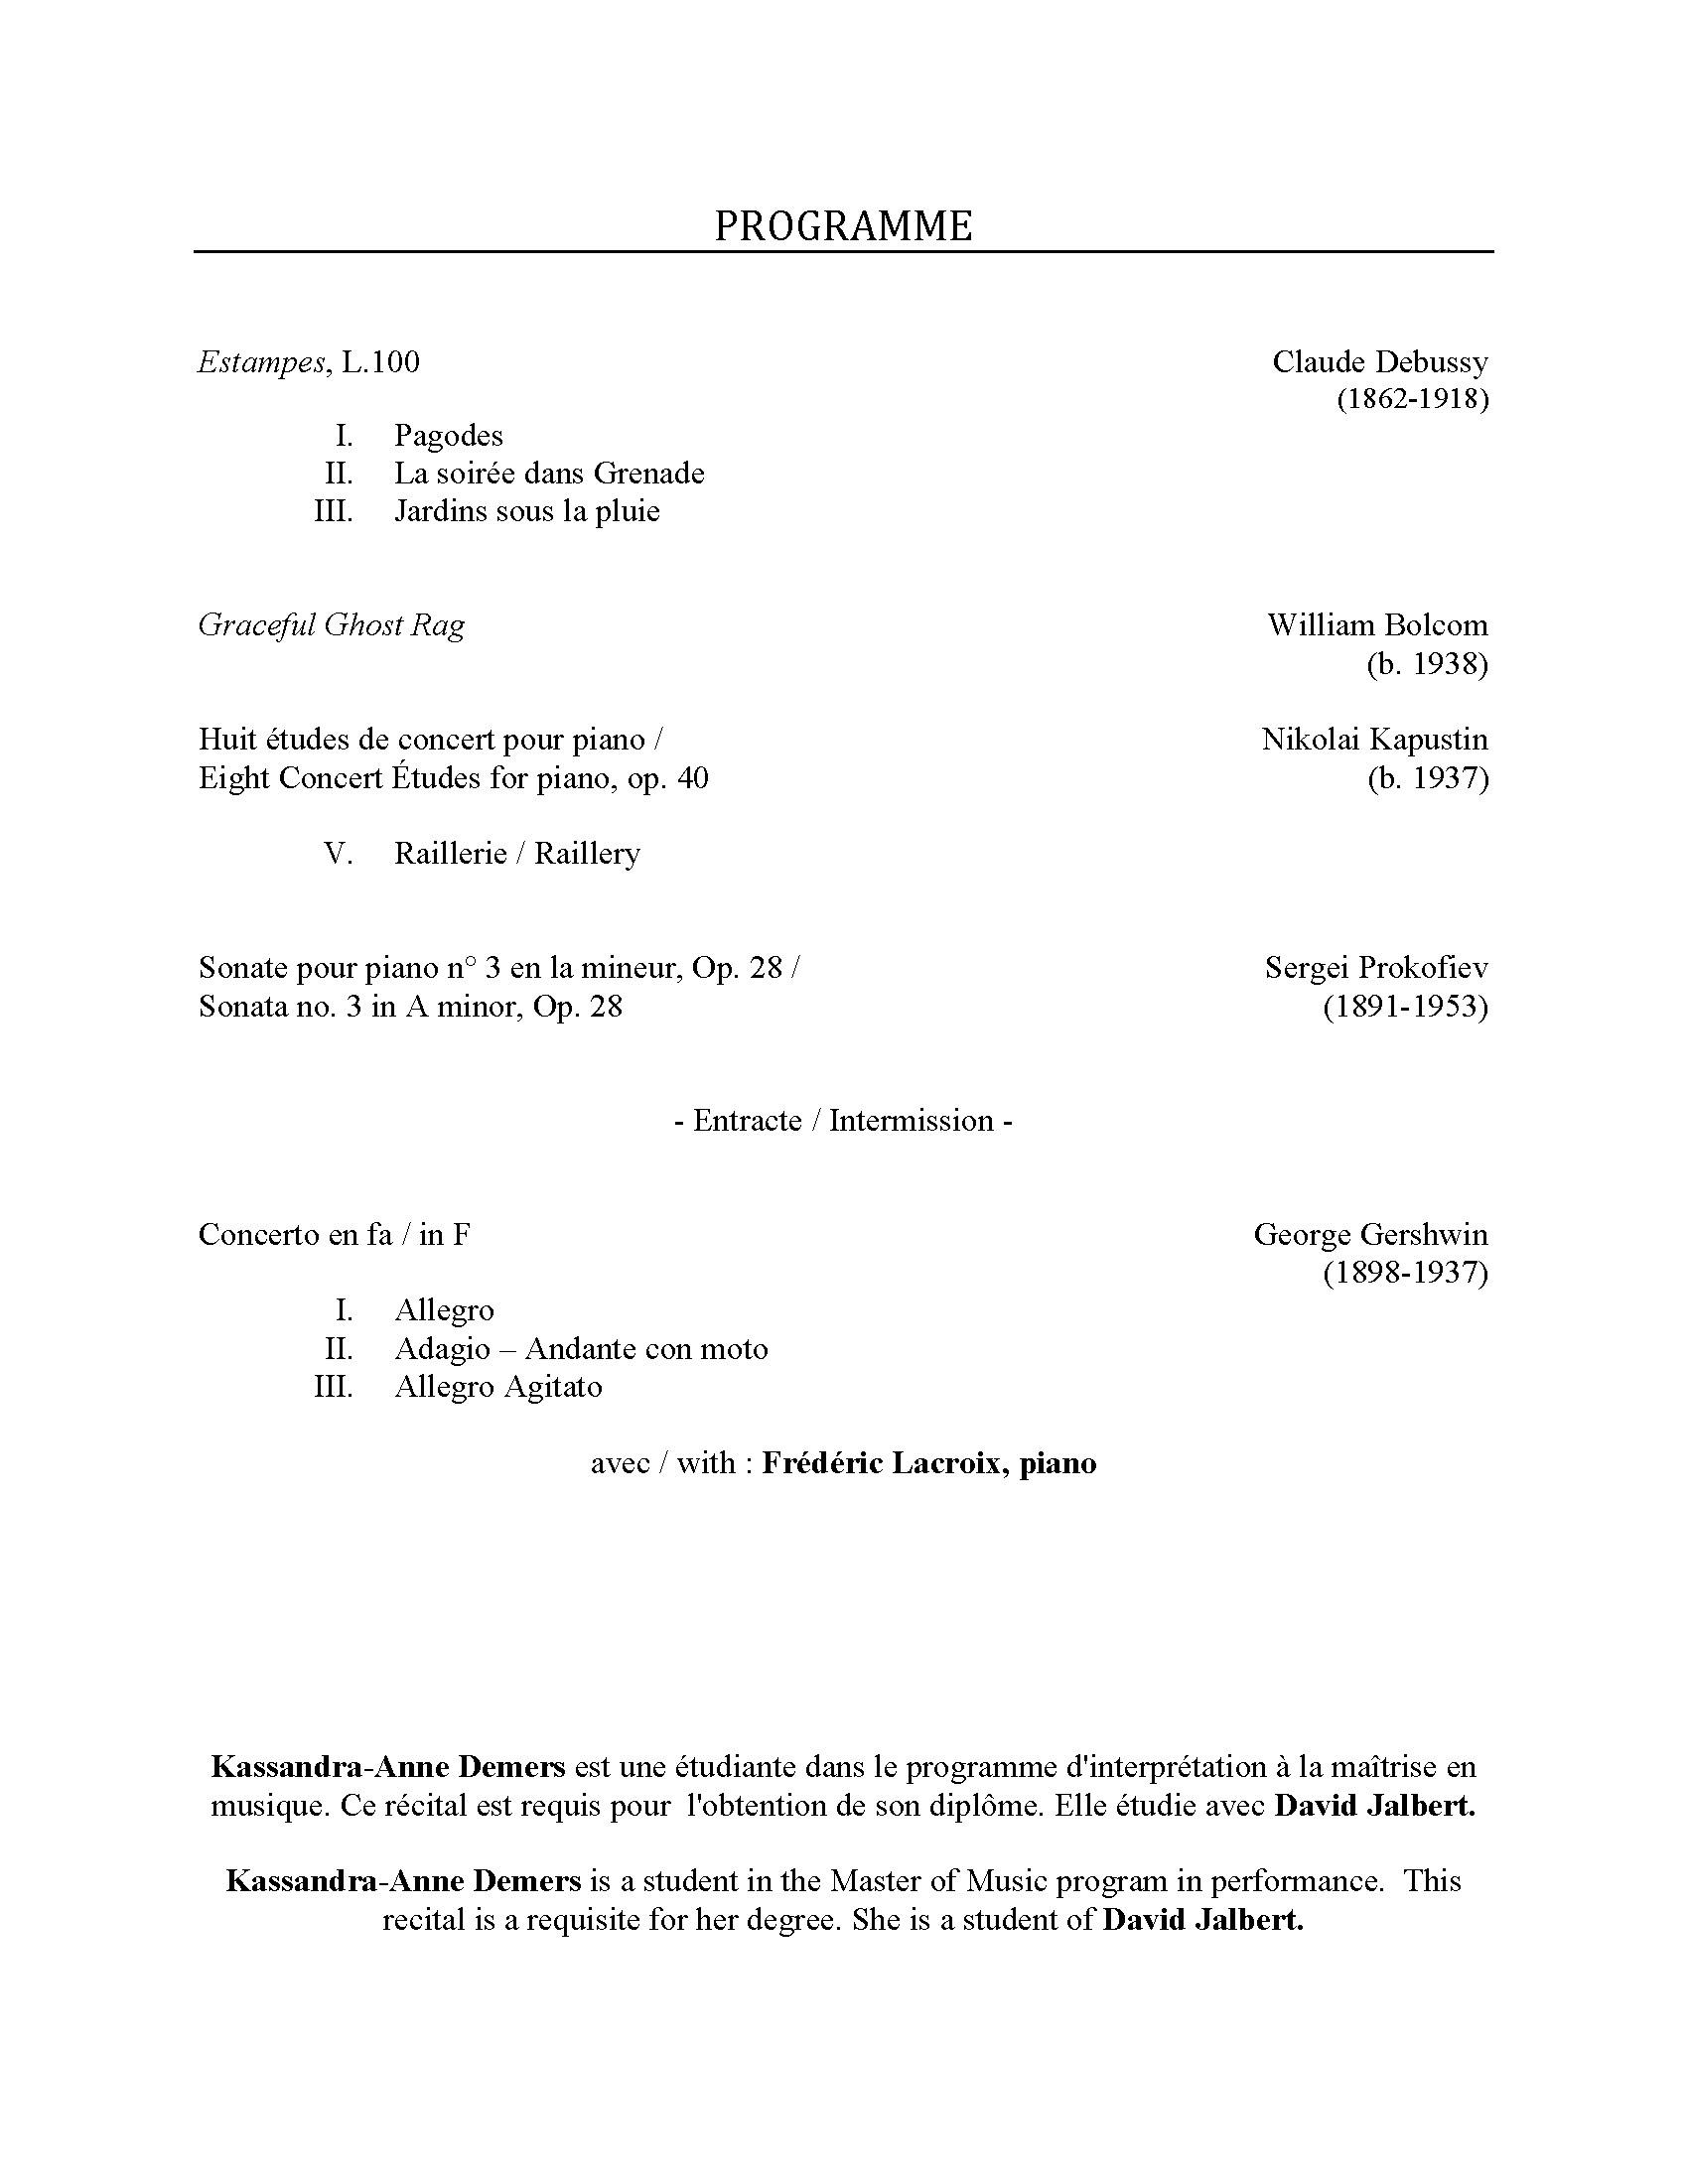 Recital program for Kassandra-Anne Demers, p. 2